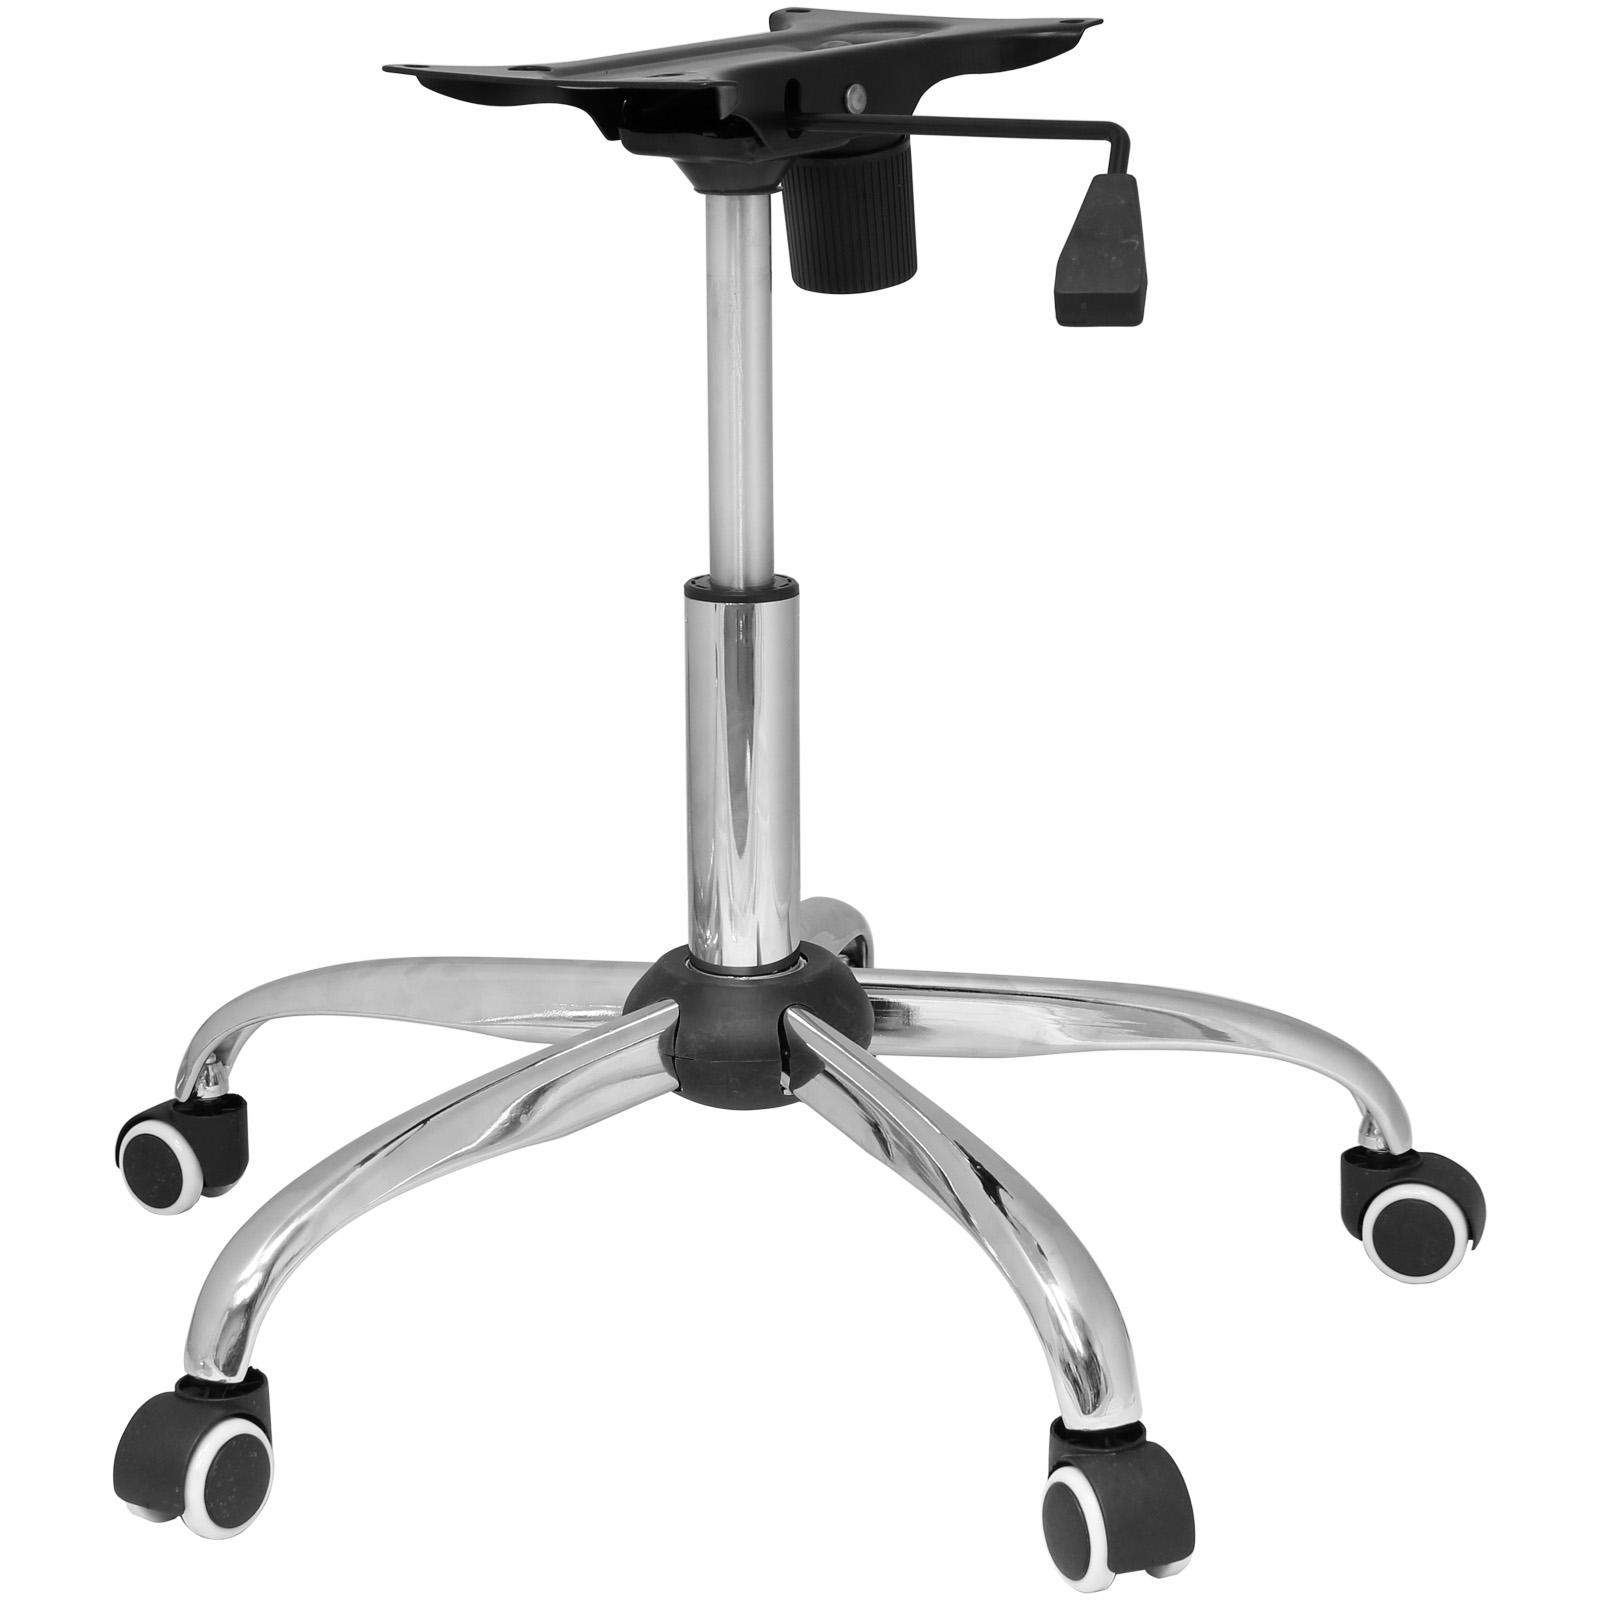 Details Sur Hartleys Kit Piece Rechange Chaise Bureau Chrome Base Roulettes Piston Mecanisme